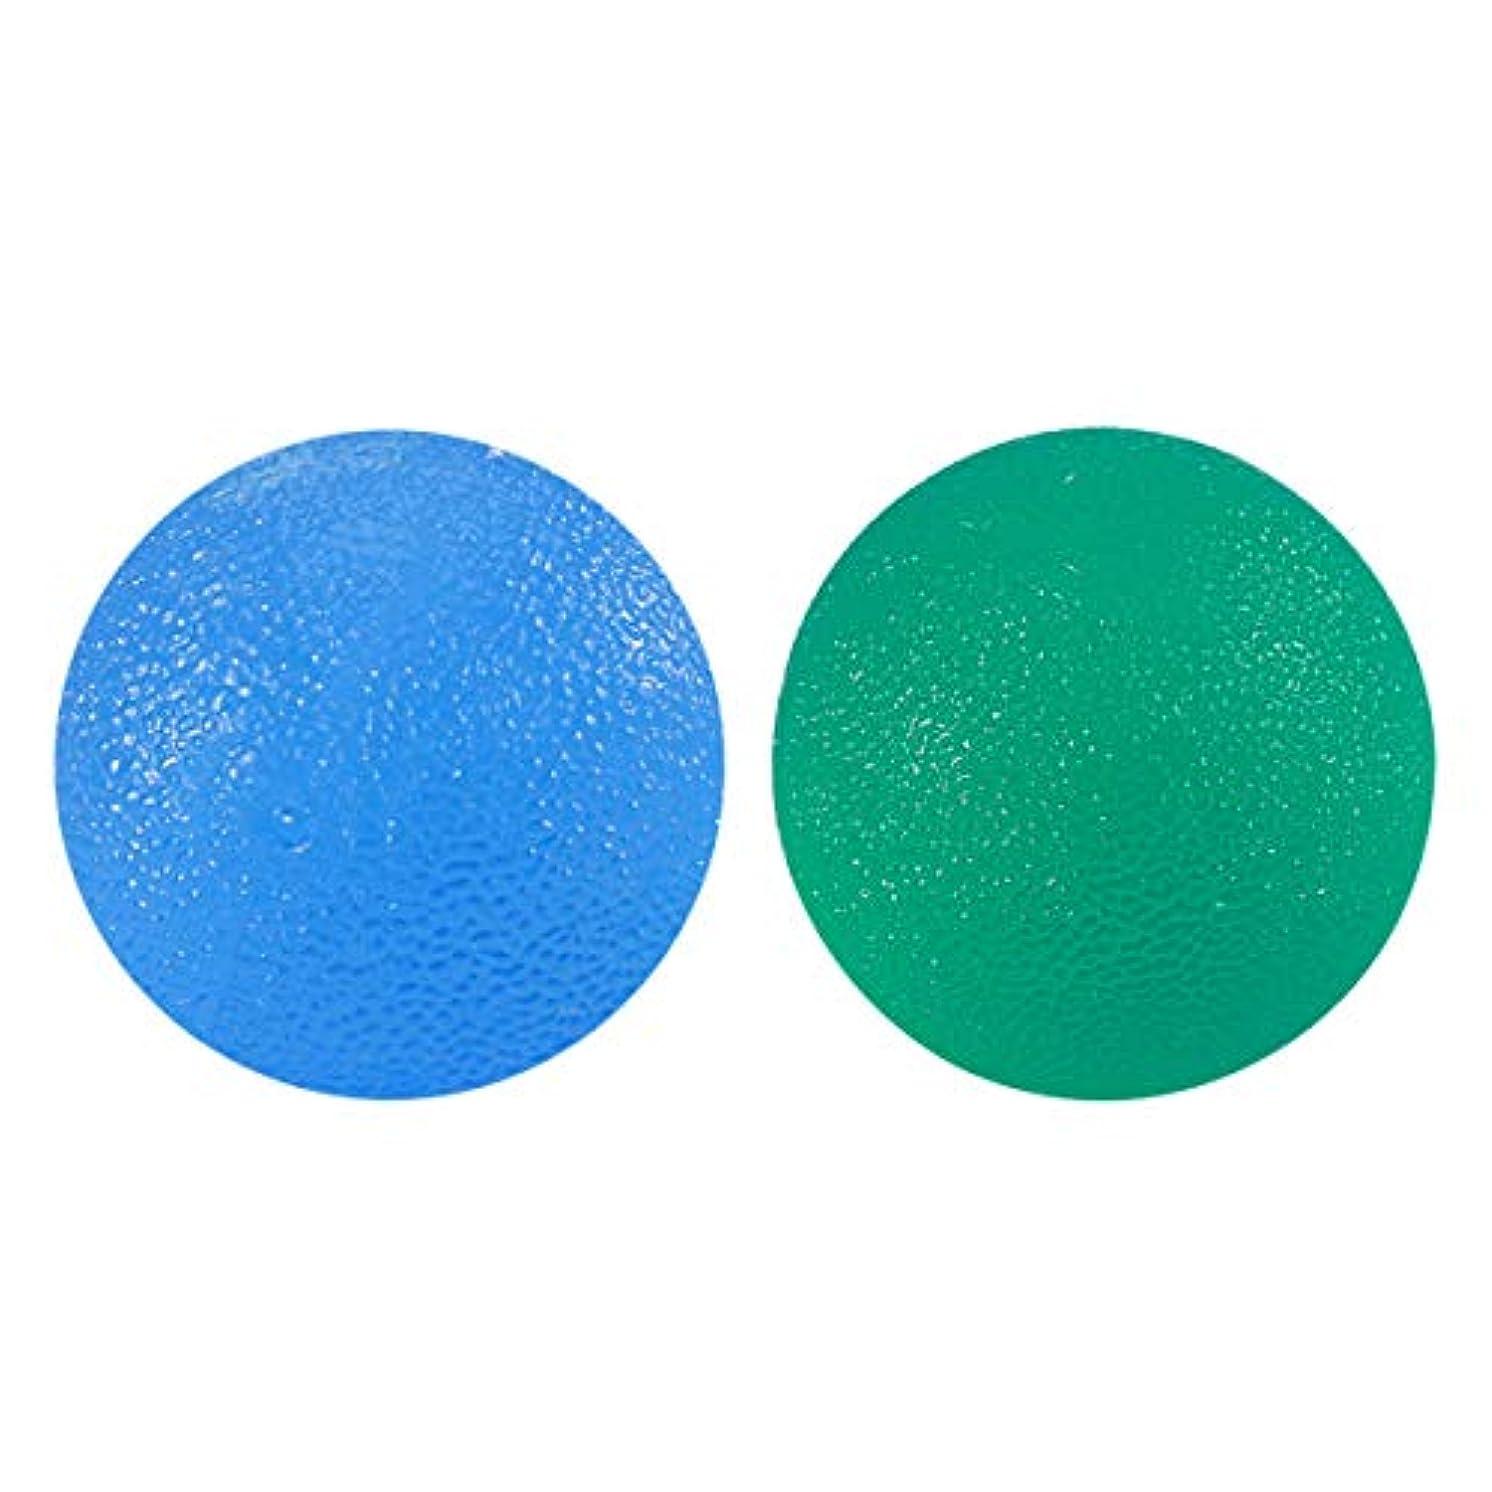 ヘビ同意花嫁SUPVOX マッサージボール ストレッチボール 筋膜リリース ツボ押し トレーニング 健康器具 血行促進2個入(緑と青)